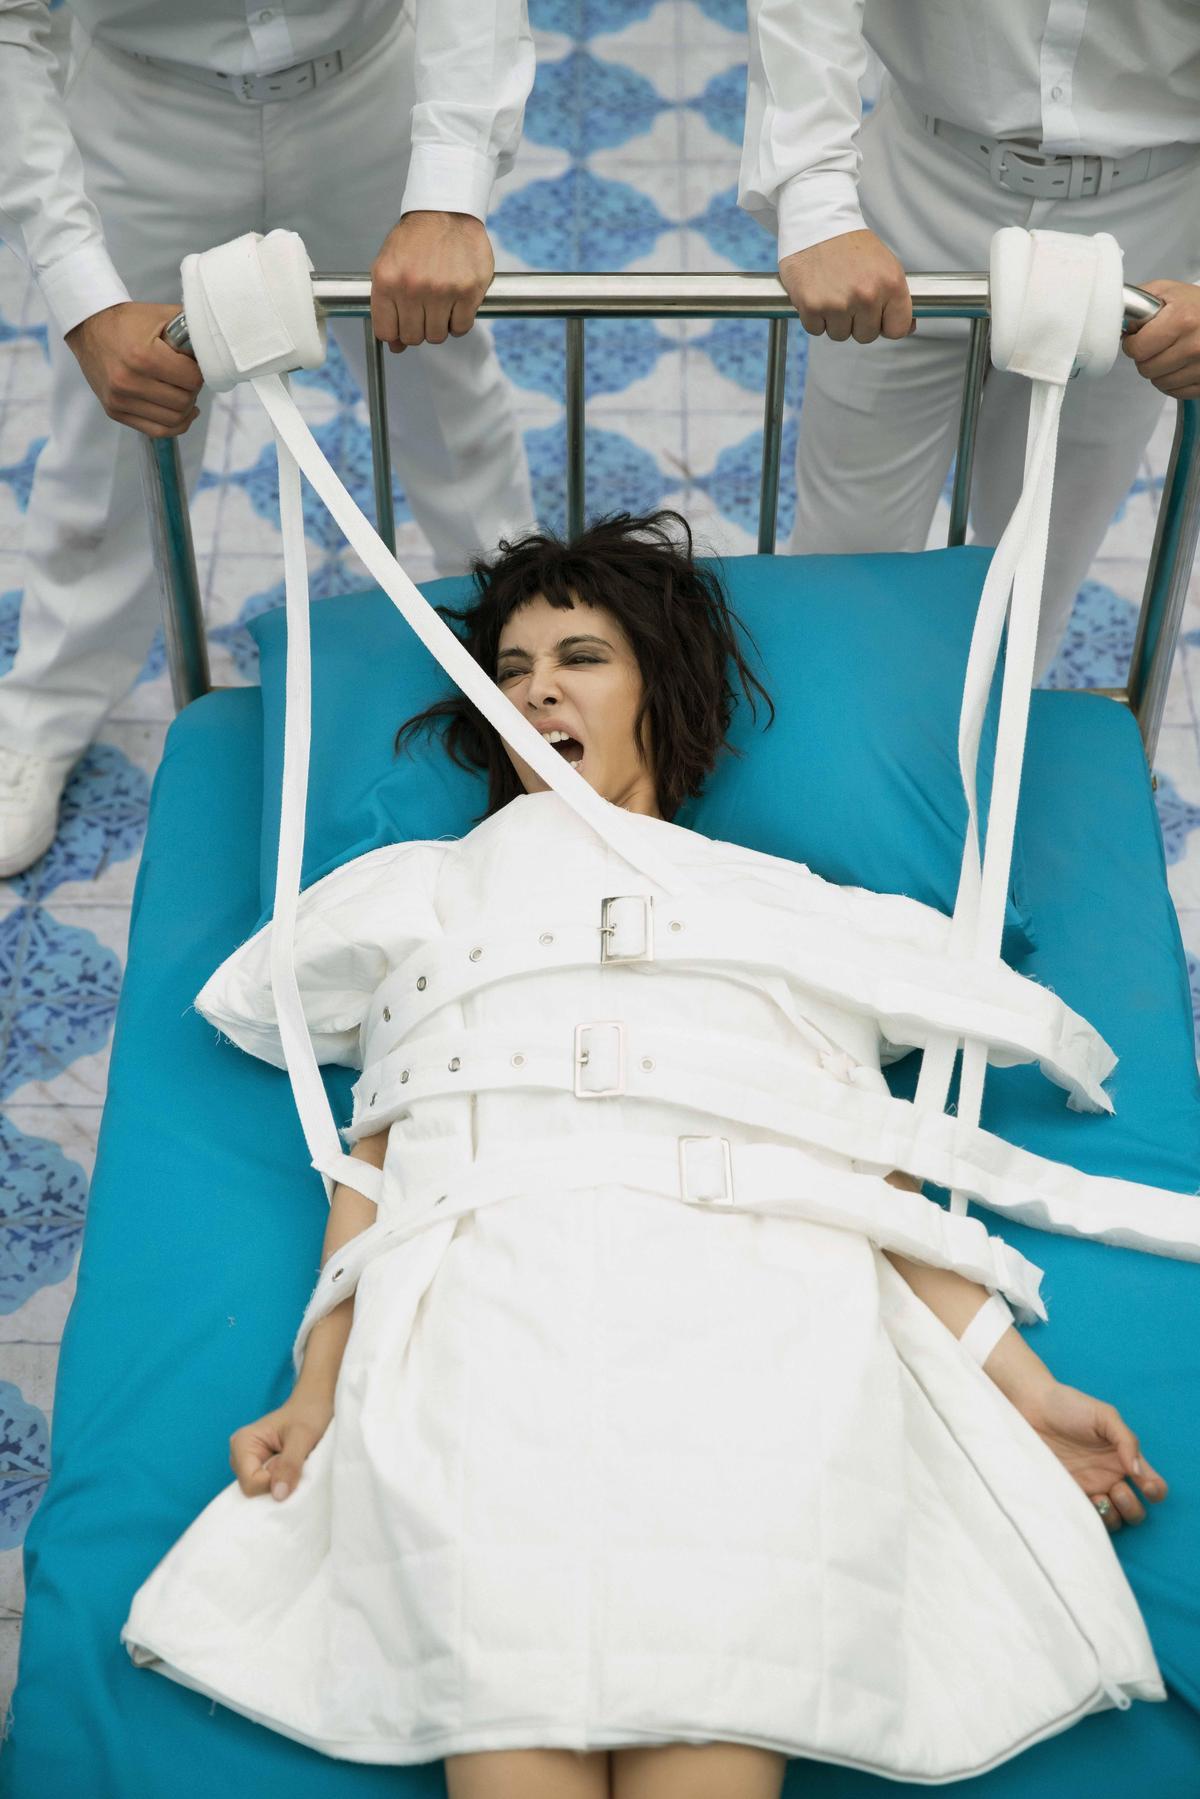 蔡依林的首波主打〈怪美的〉MV延到26日首播,怪美造型先曝光,天后入戲神情整個豁出去。(凌時差提供)